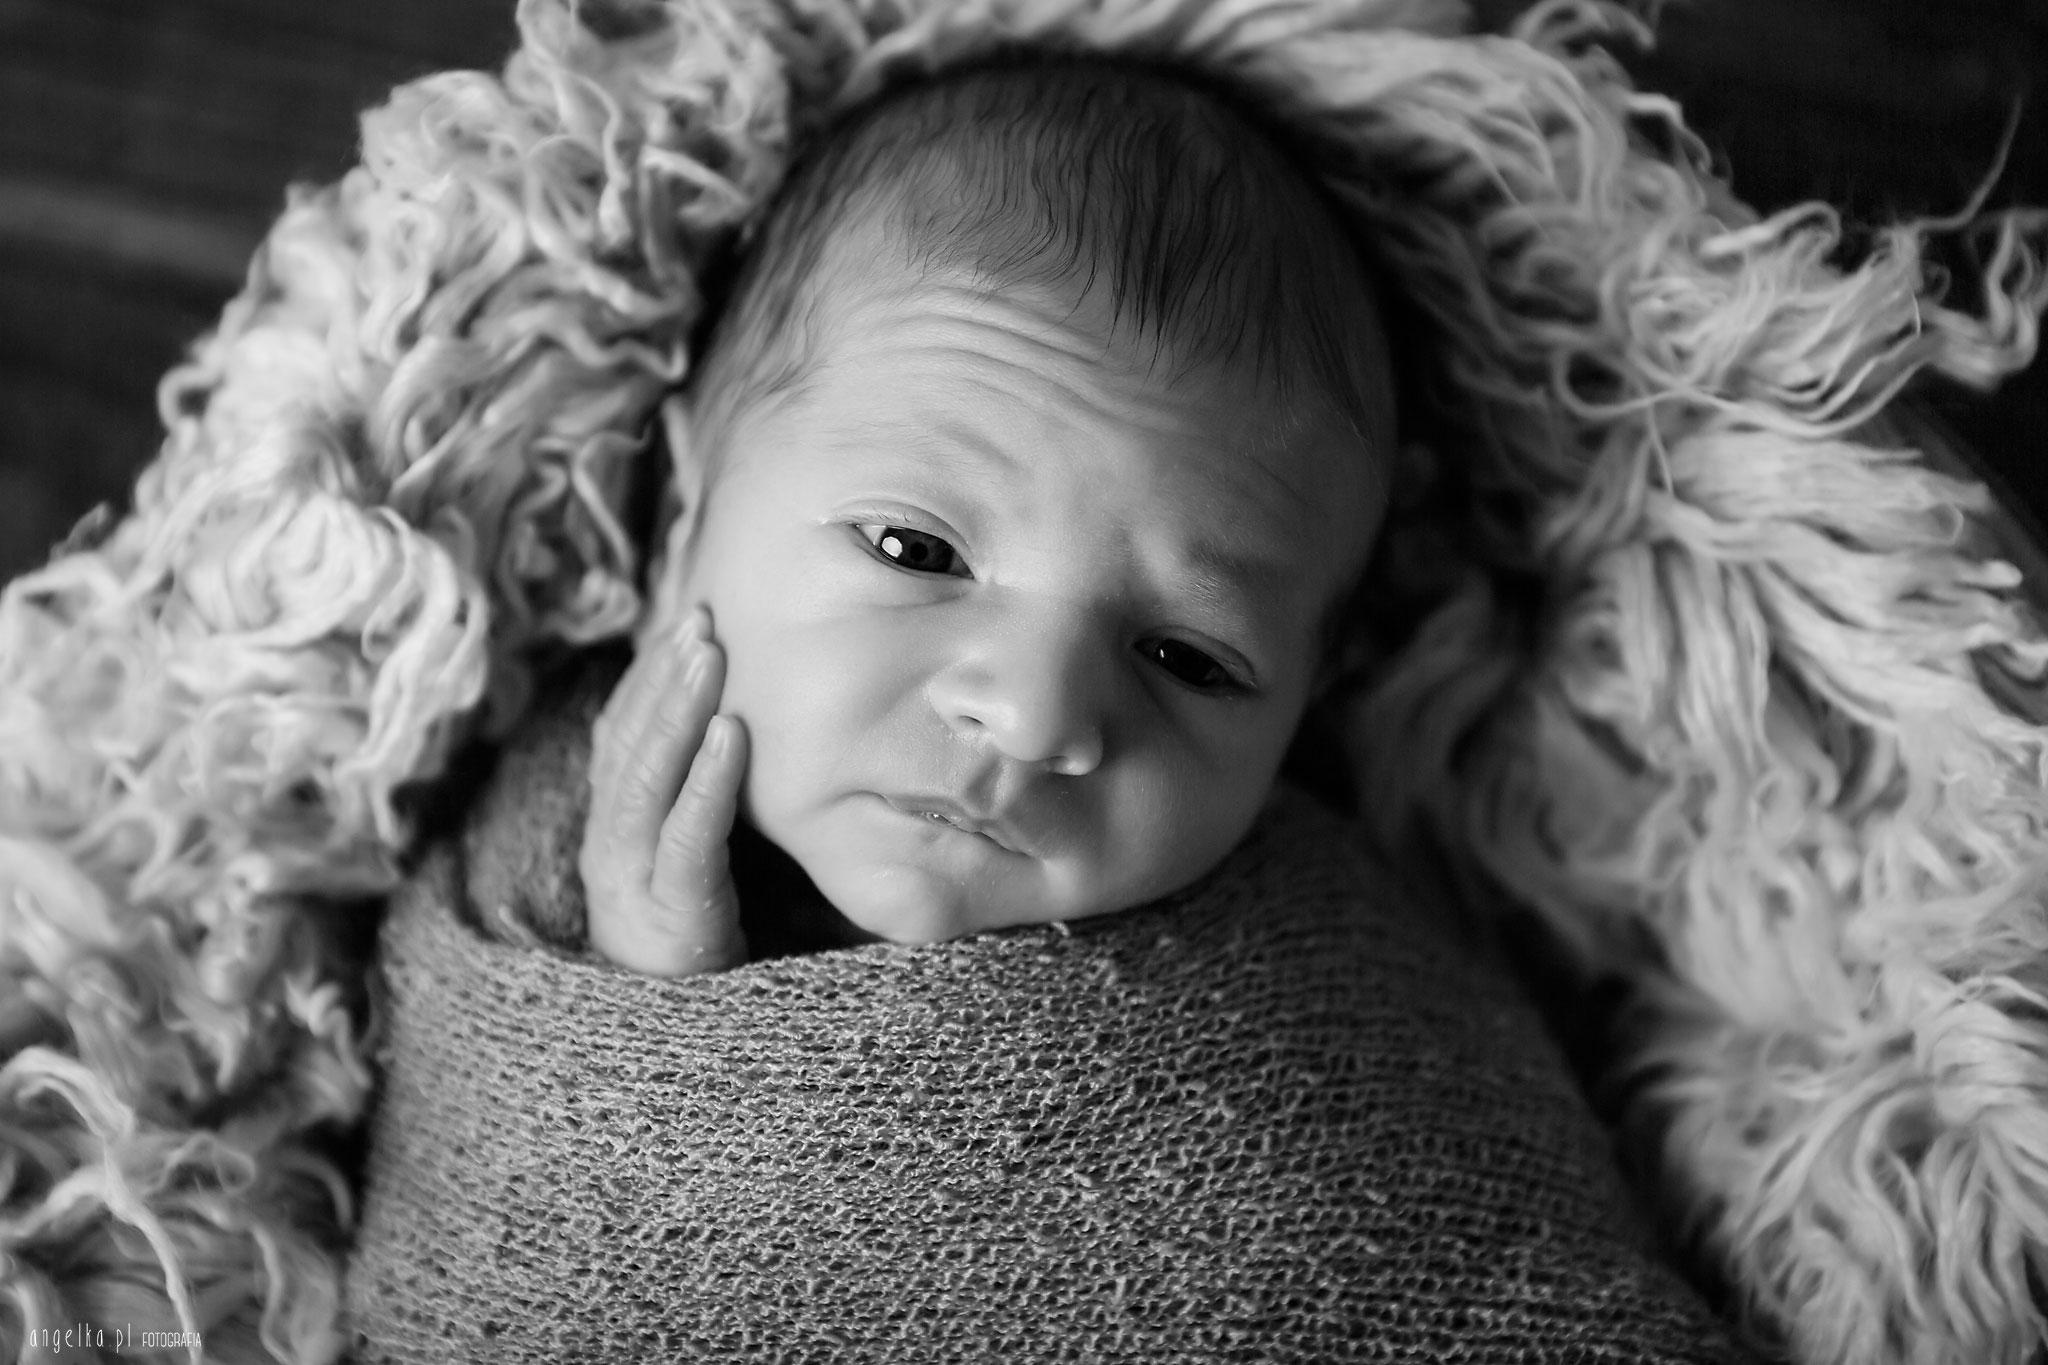 czarno białe zdjęcie noworodka